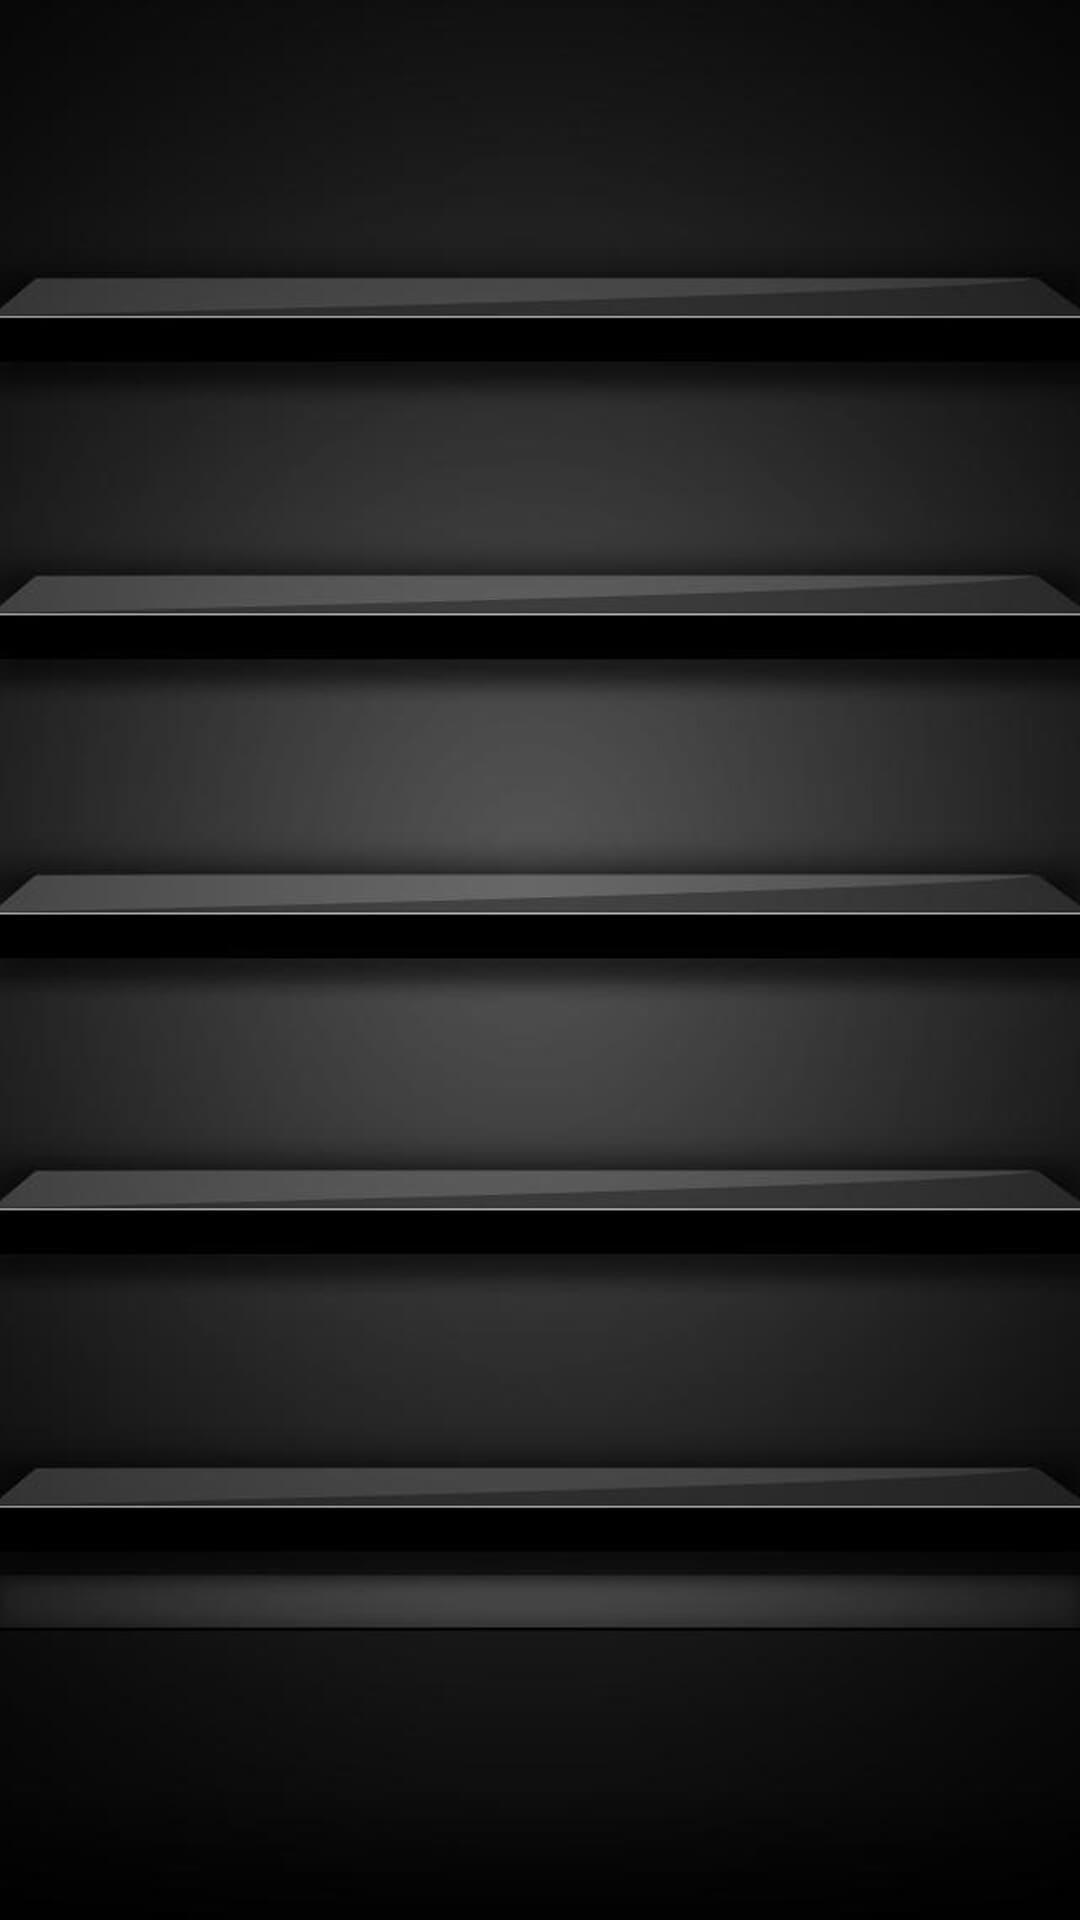 ブラックシェルフ Iphonex スマホ壁紙 待受画像ギャラリー Iphone7plus 壁紙 モバイル用壁紙 黒の壁紙